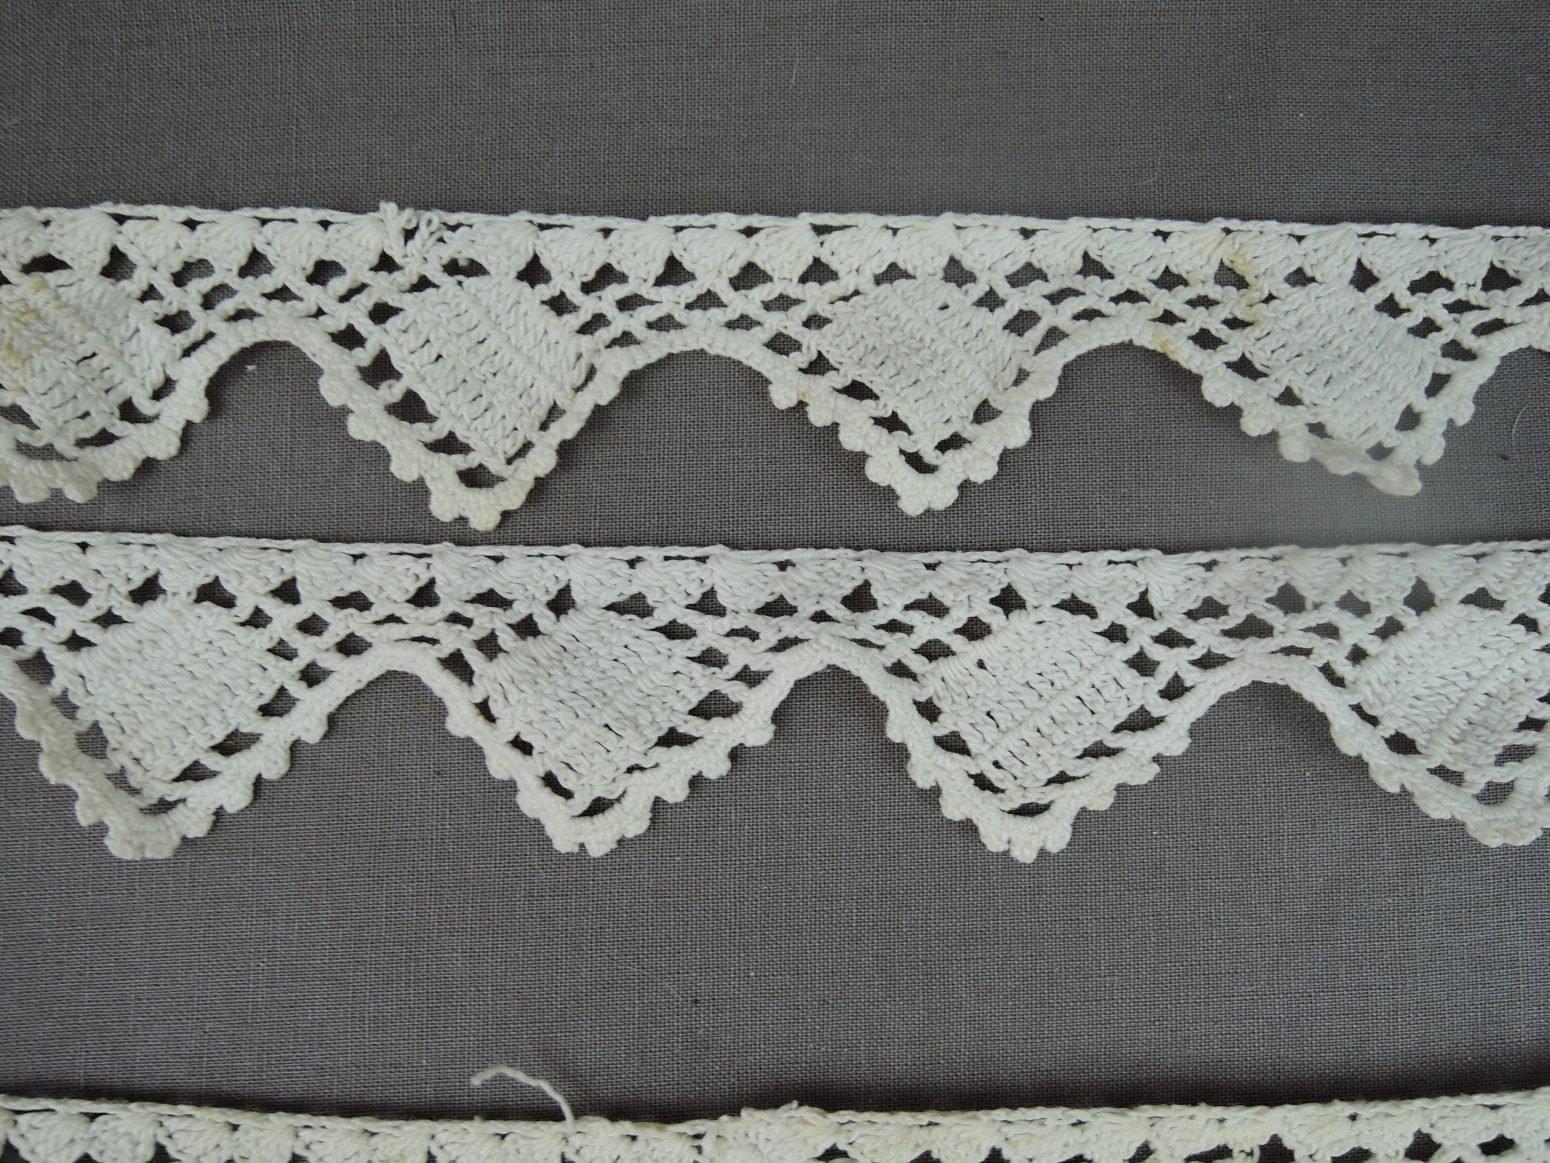 Antique Crochet Lace Trims, Edwardian Lingerie 1900s Handmade Lace 3 Pieces